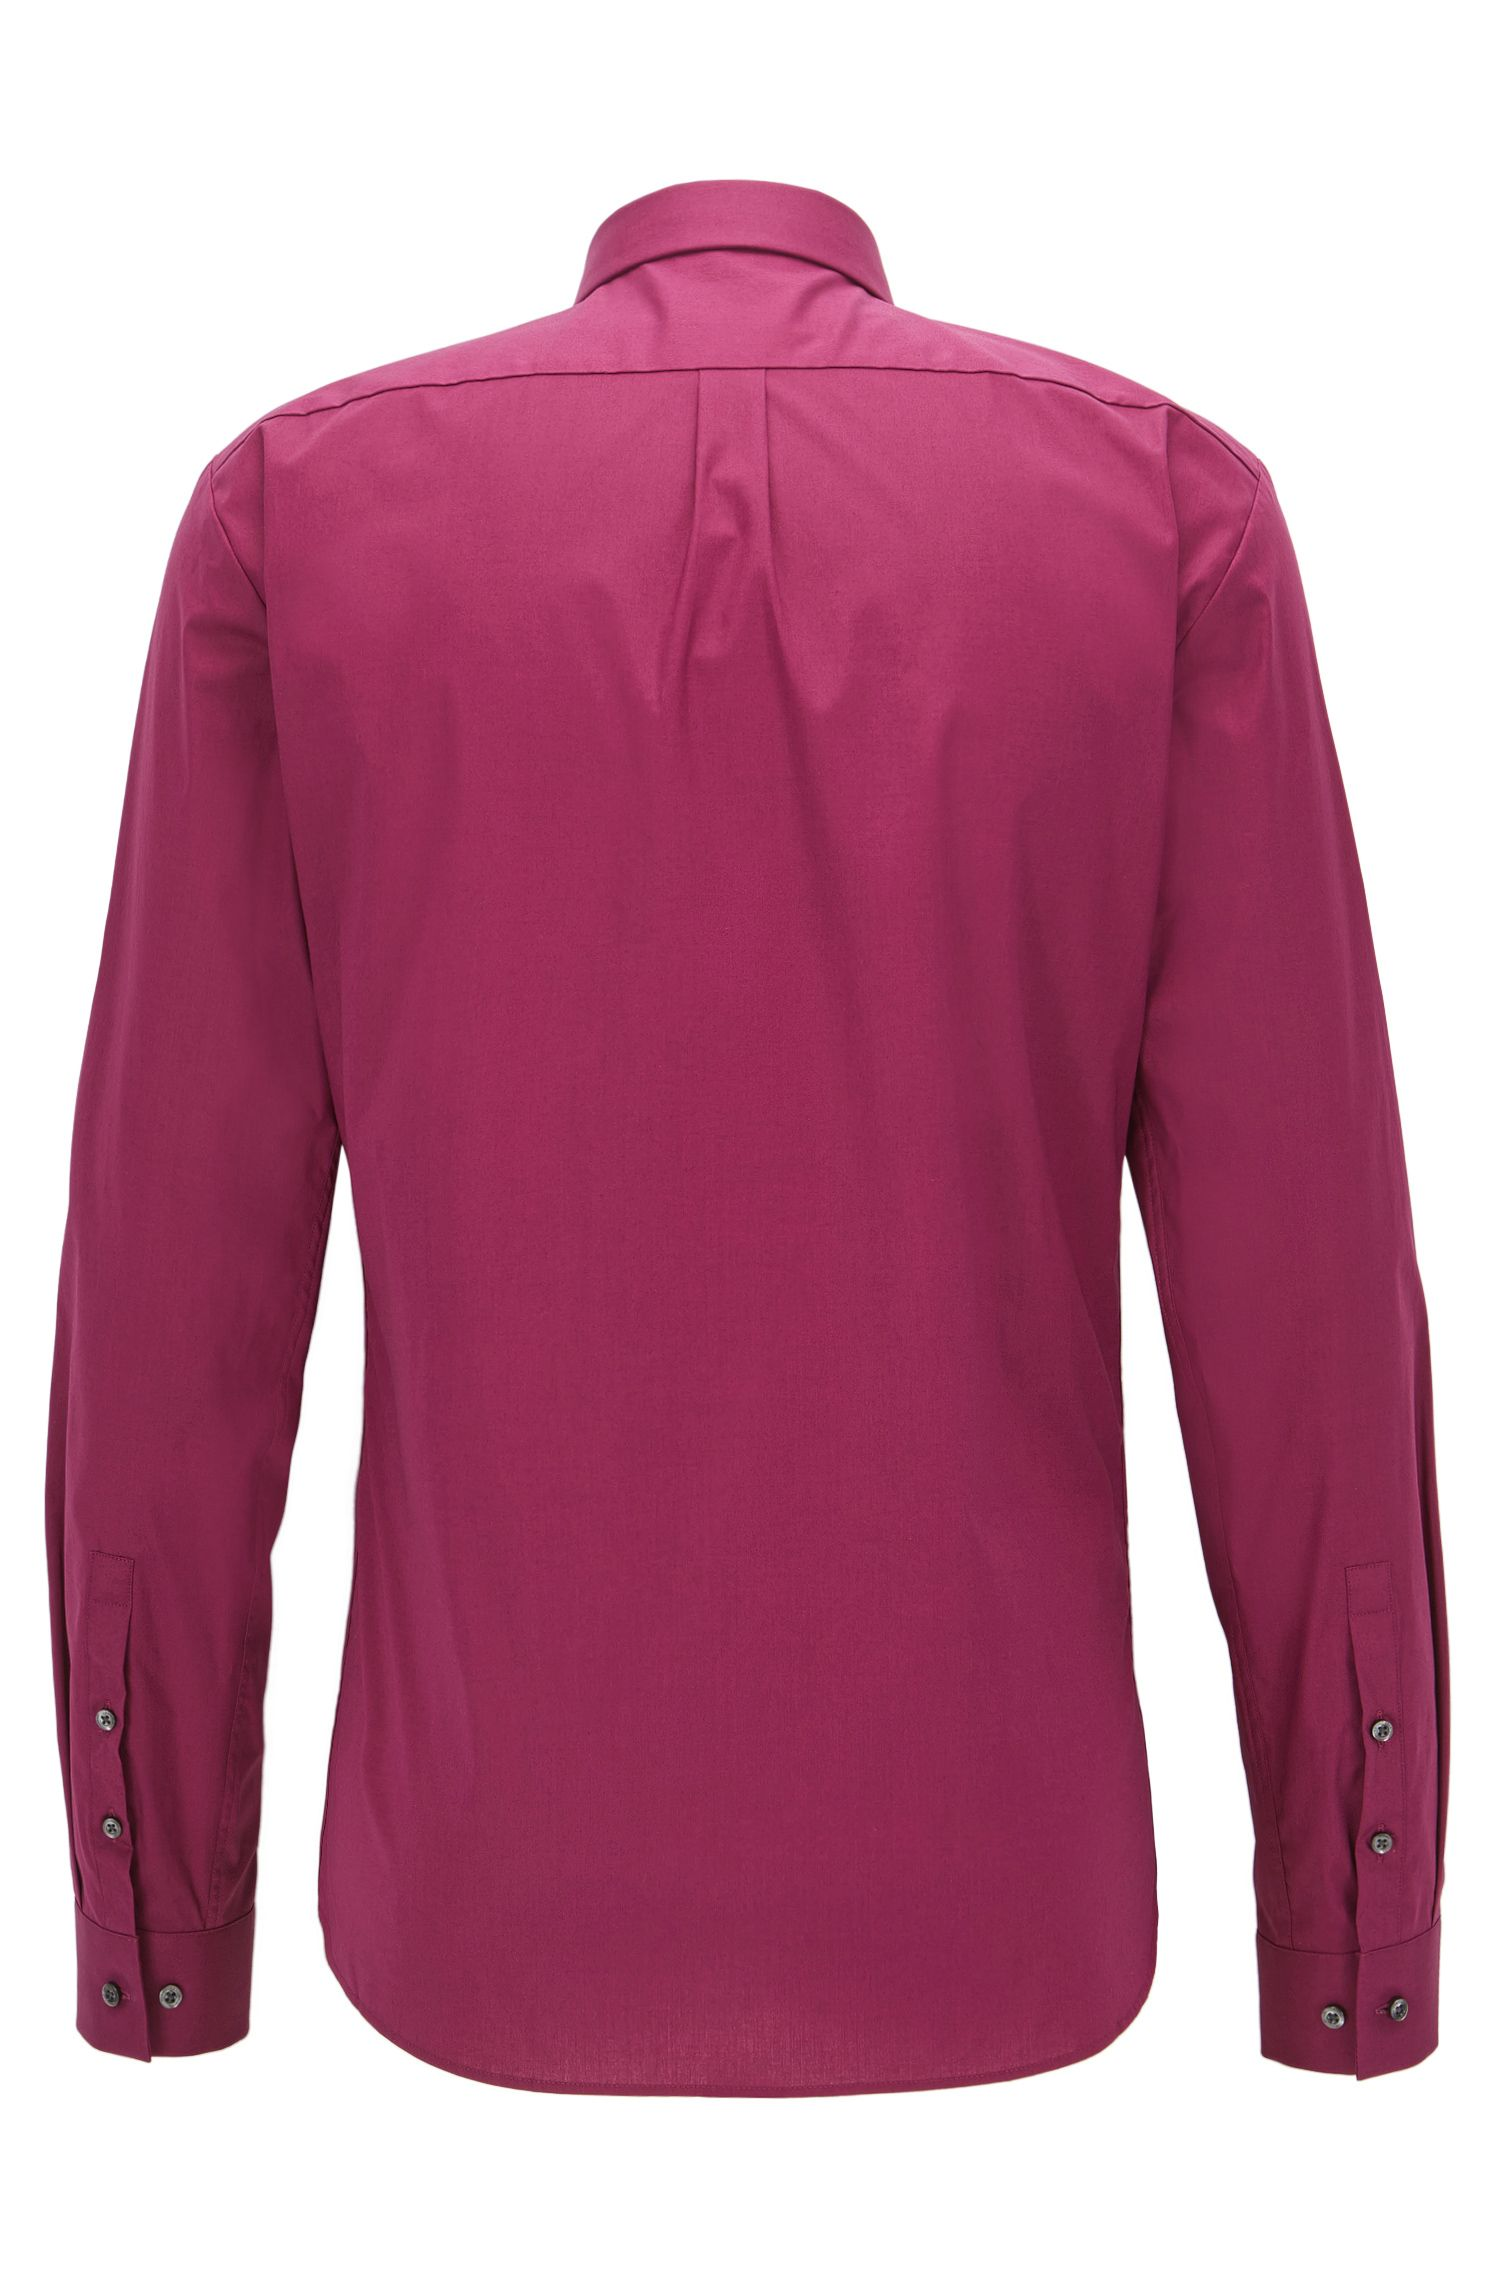 Camicia extra slim fit in cotone elasticizzato, Rosa scuro